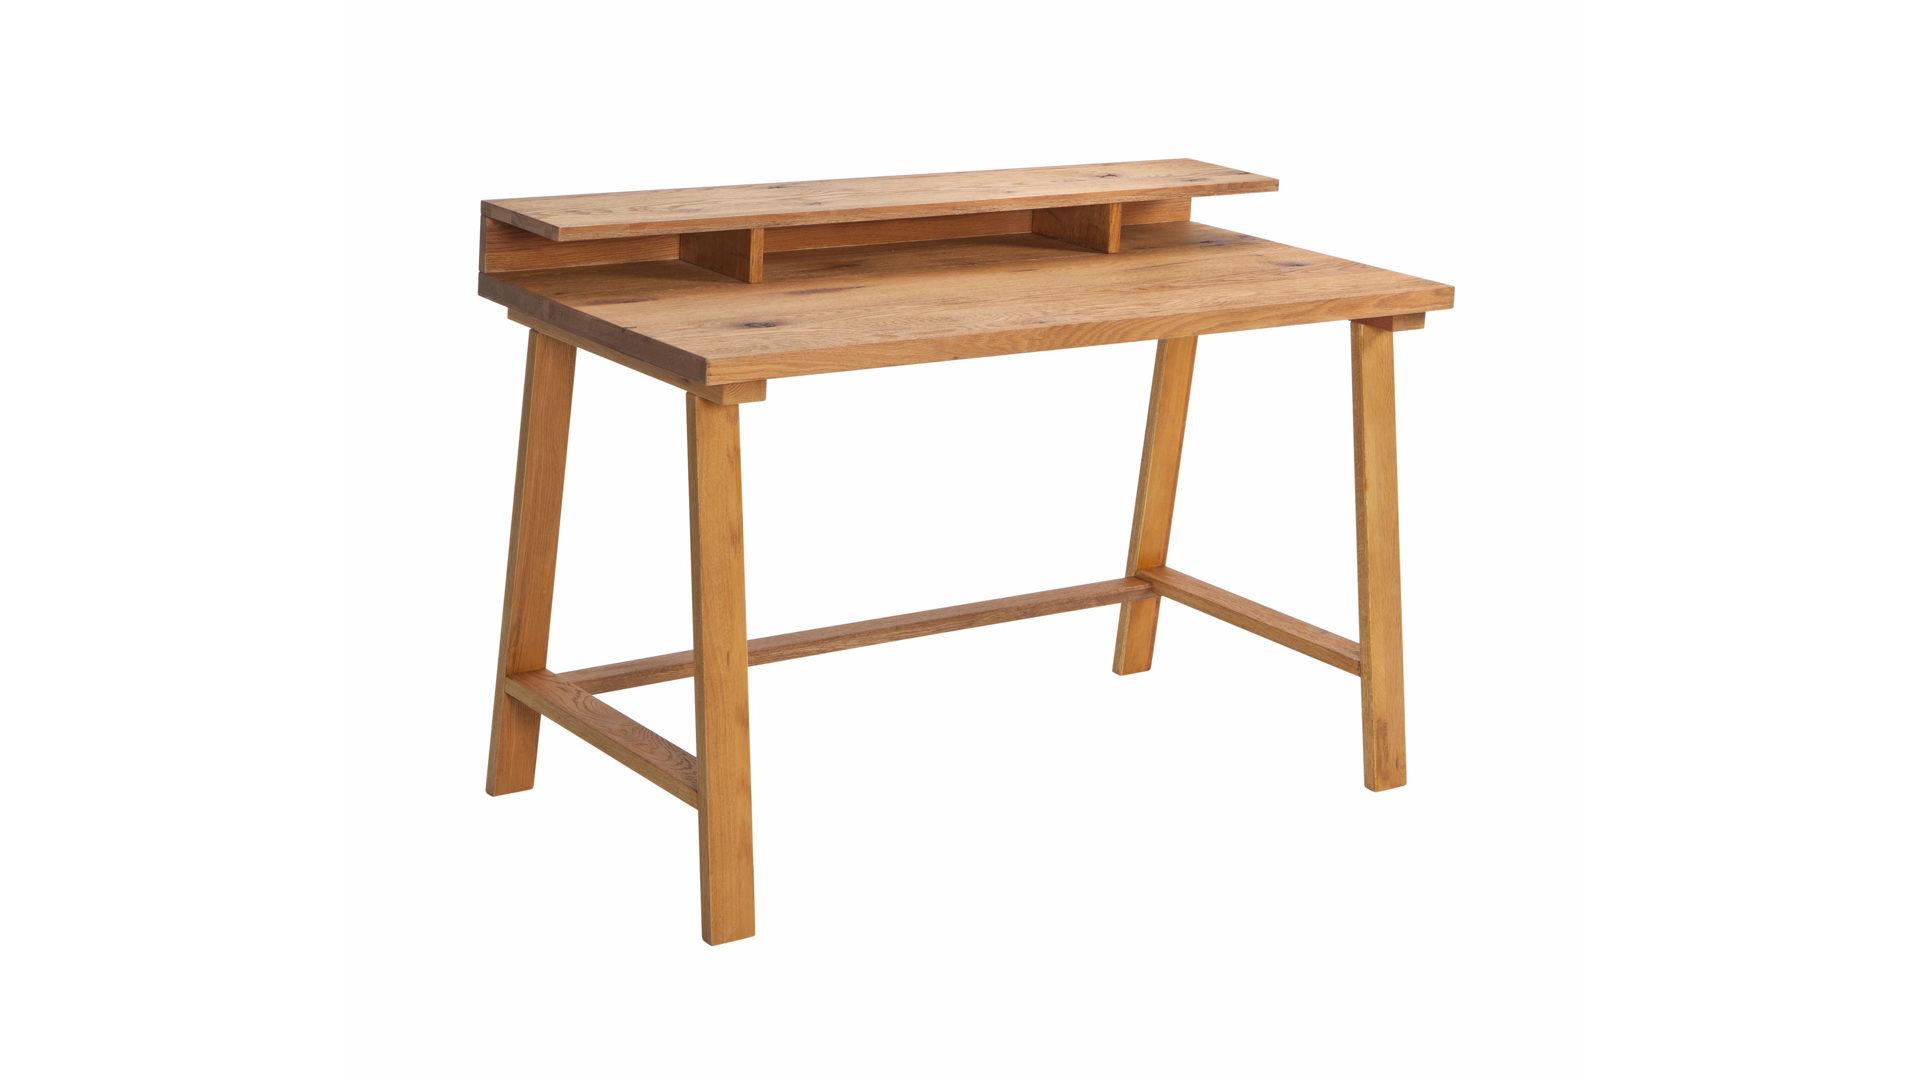 Amüsant Schreibtisch Schmal Referenz Von Einrichtungspartnerring, Möbel A-z, Tische, Massivholz-schreibtisch, Massivholz-schreibtisch Für